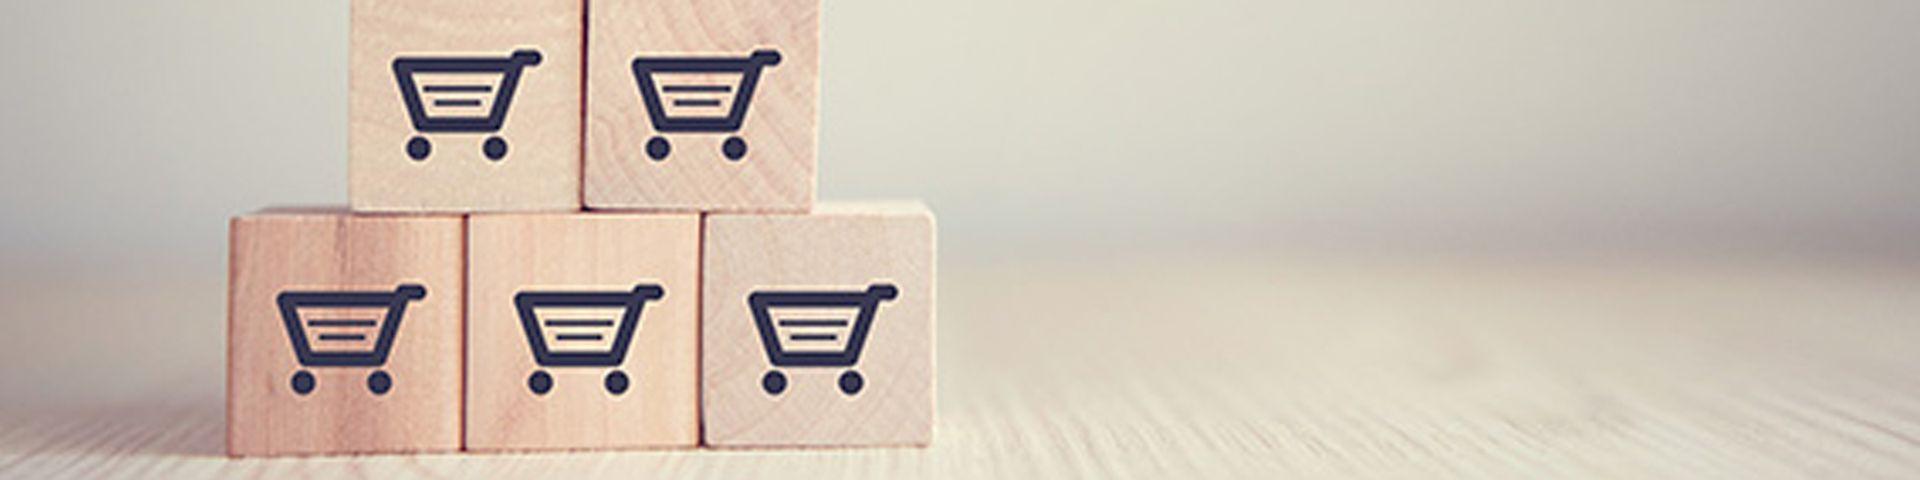 Cierre de ventas, venta complementaria, venta cruzada y fidelización de clientes